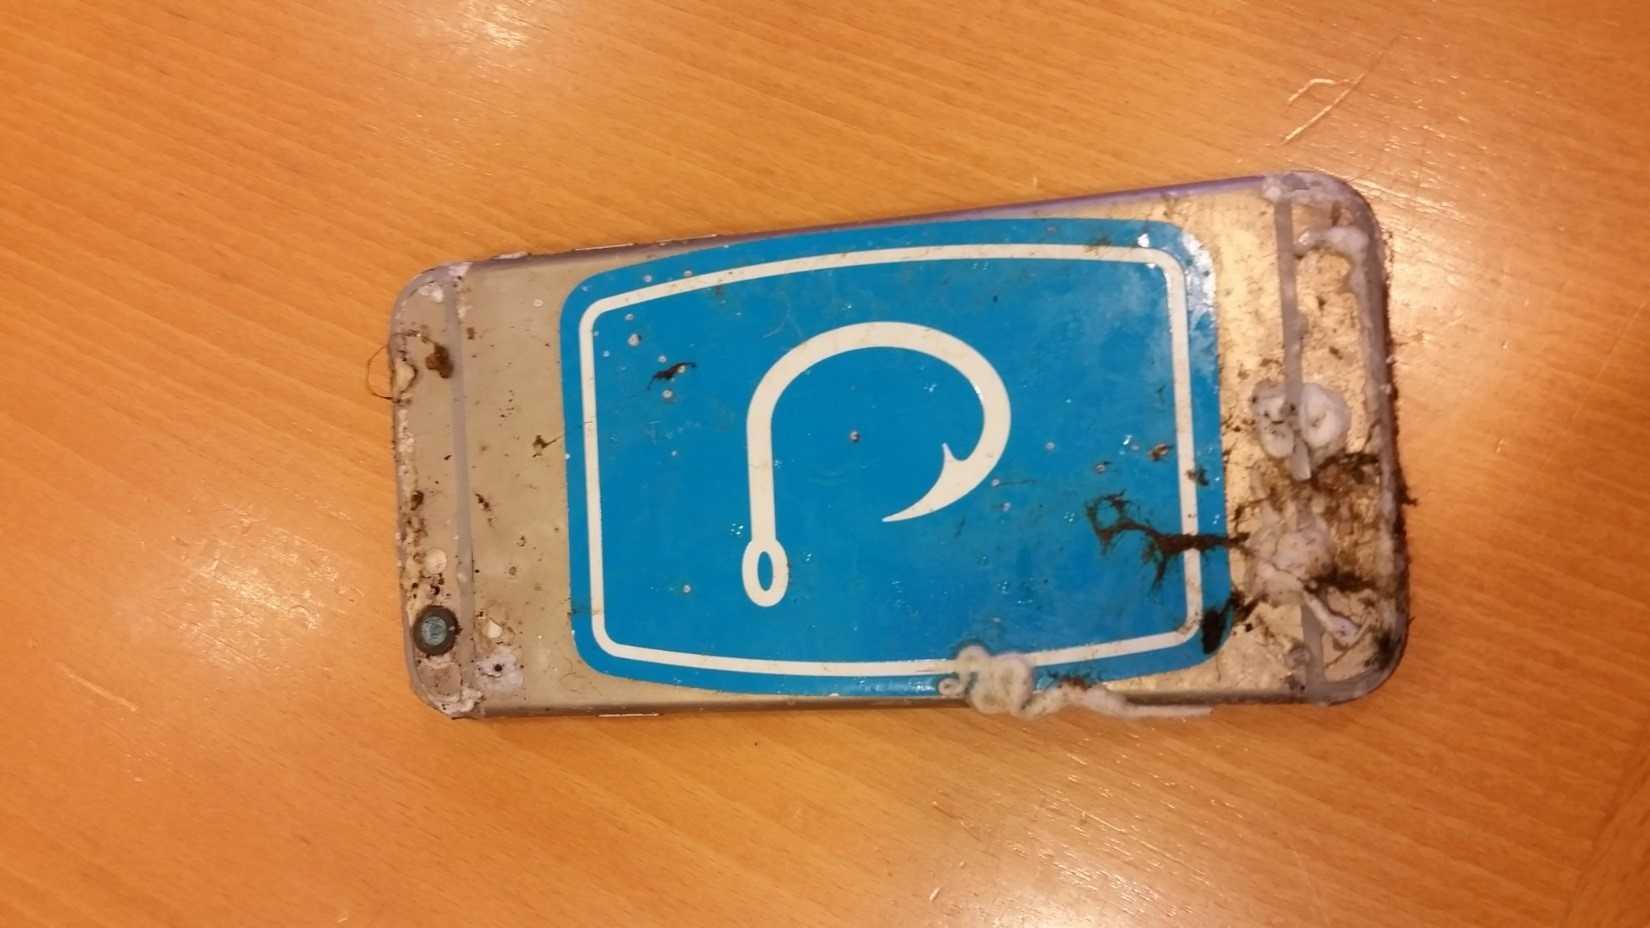 Austin's phone